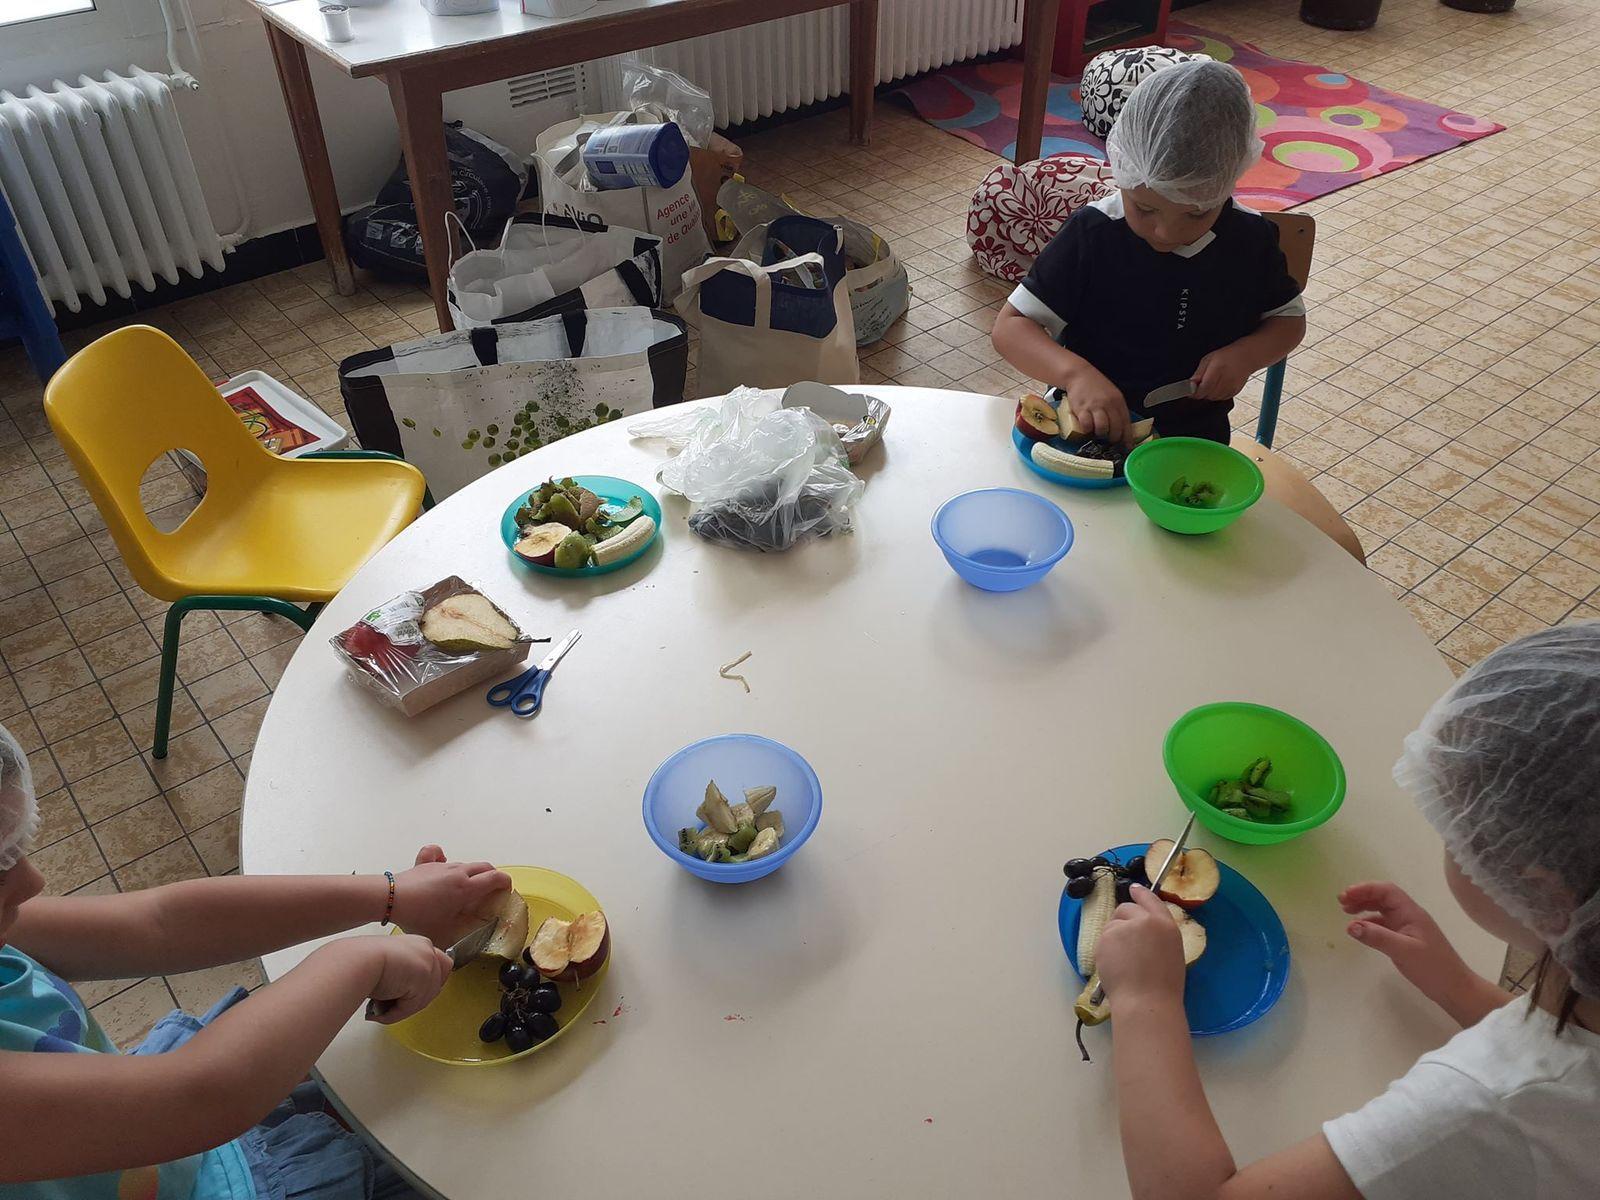 Activité culinaire - Salade de fruits - On se lave les mains, on épluche, on découpe, on déguste MIAM MIAM !